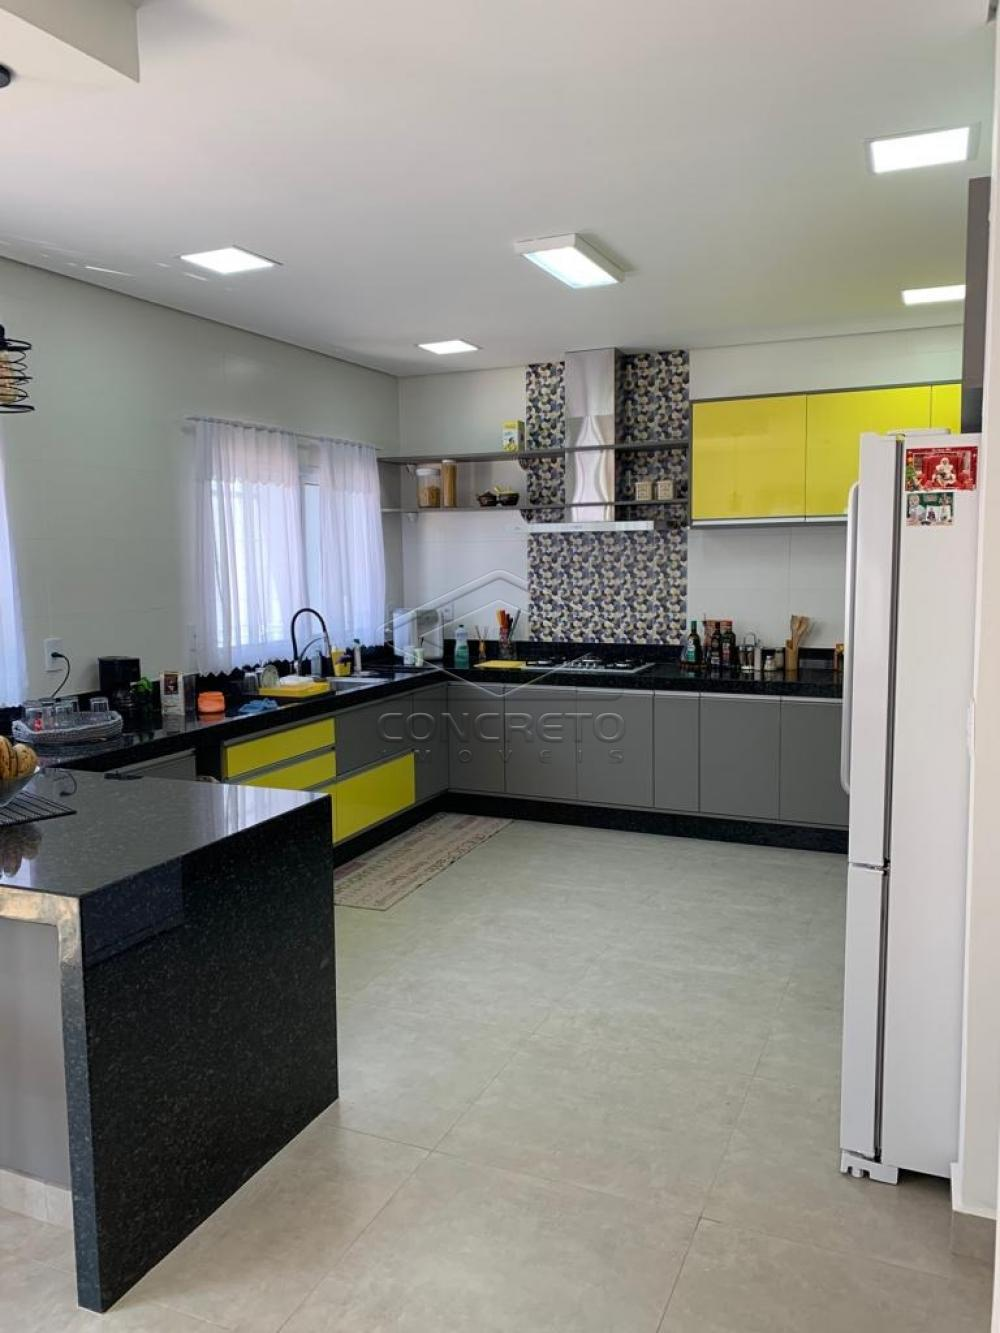 Comprar Casa / Padrão em Sao Manuel apenas R$ 650.000,00 - Foto 23